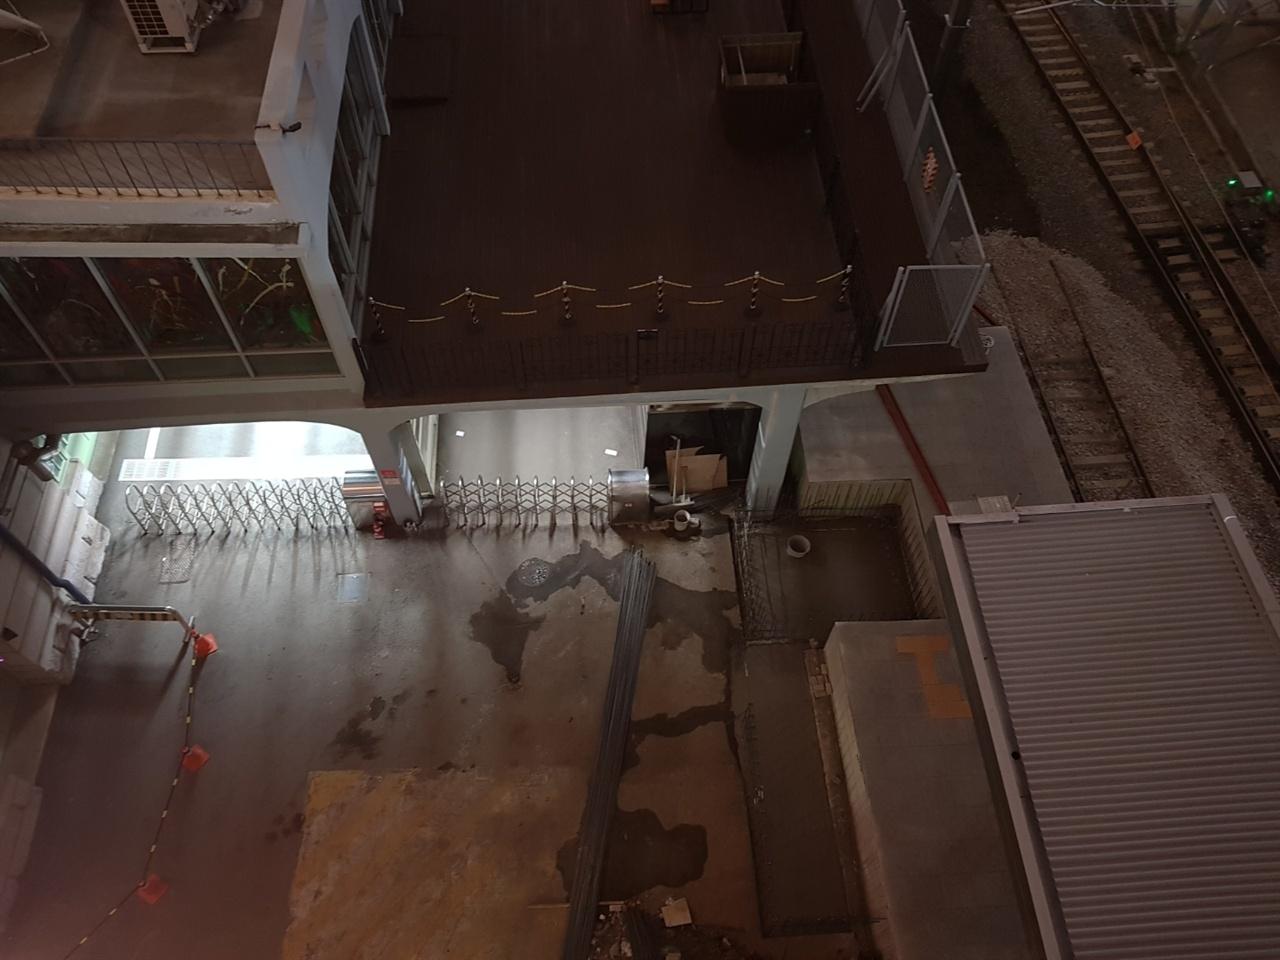 옛 서울역 역사의 1층 데크에서 경의선 전철 취급을 위한 공사가 순조롭게 진행되고 있다.